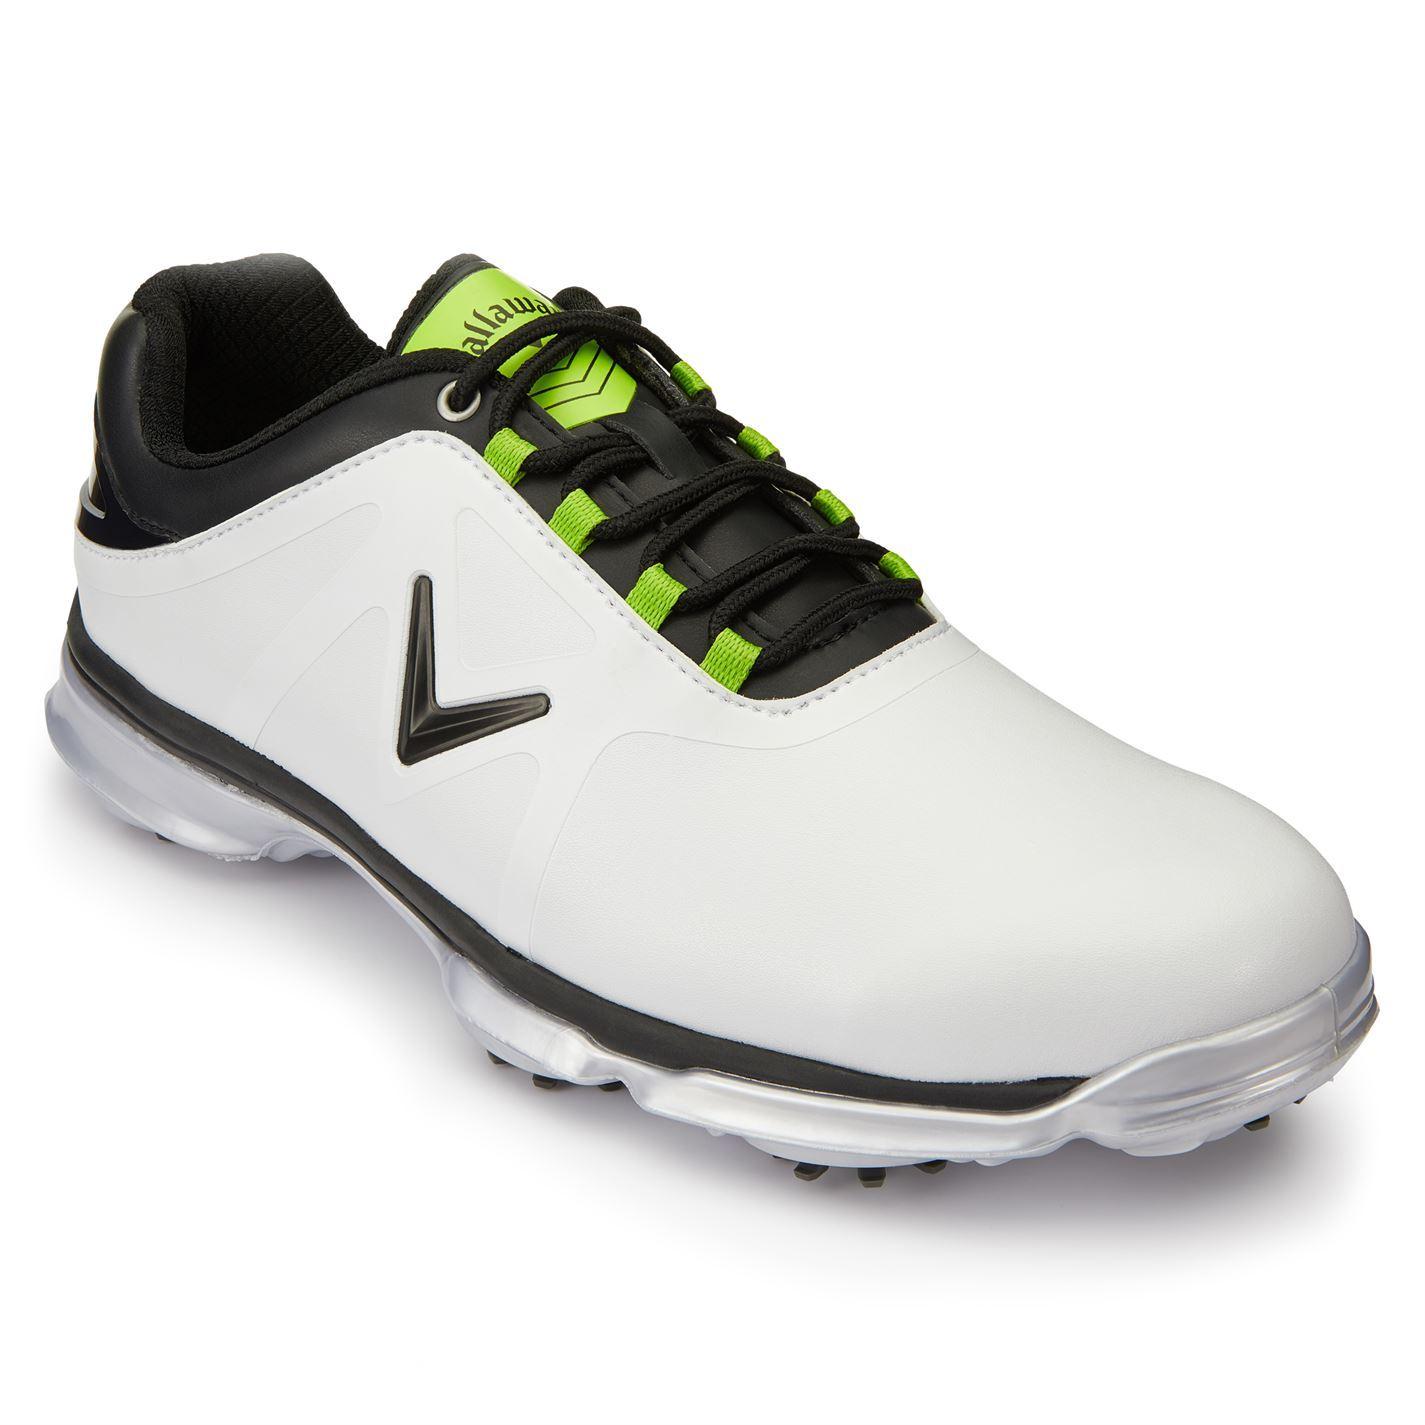 Callaway-XTT-Comfort-Spiked-Golf-Shoes-Mens-Spikes-Footwear thumbnail 14